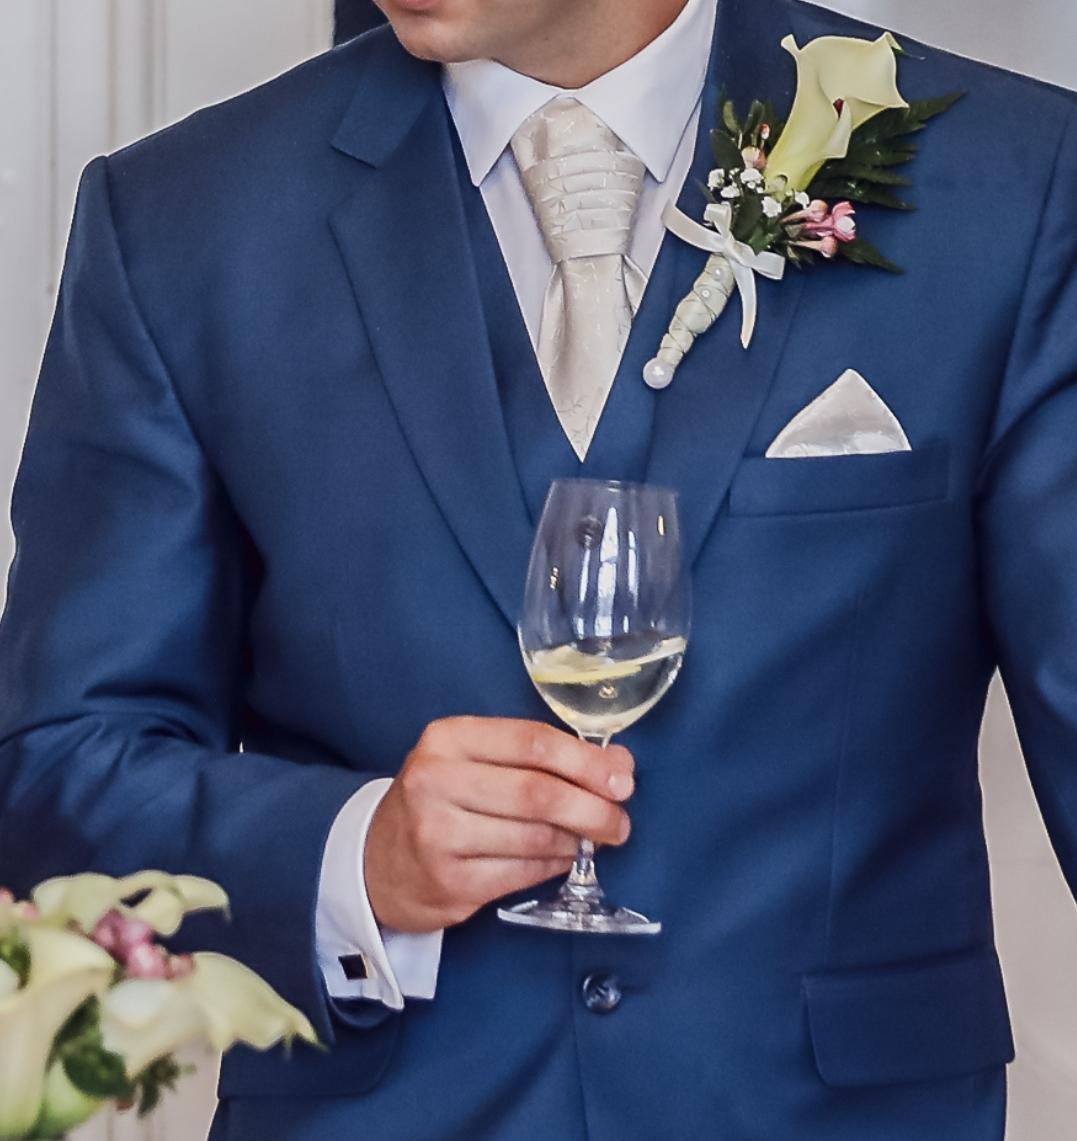 Svatební kravata - Obrázek č. 1